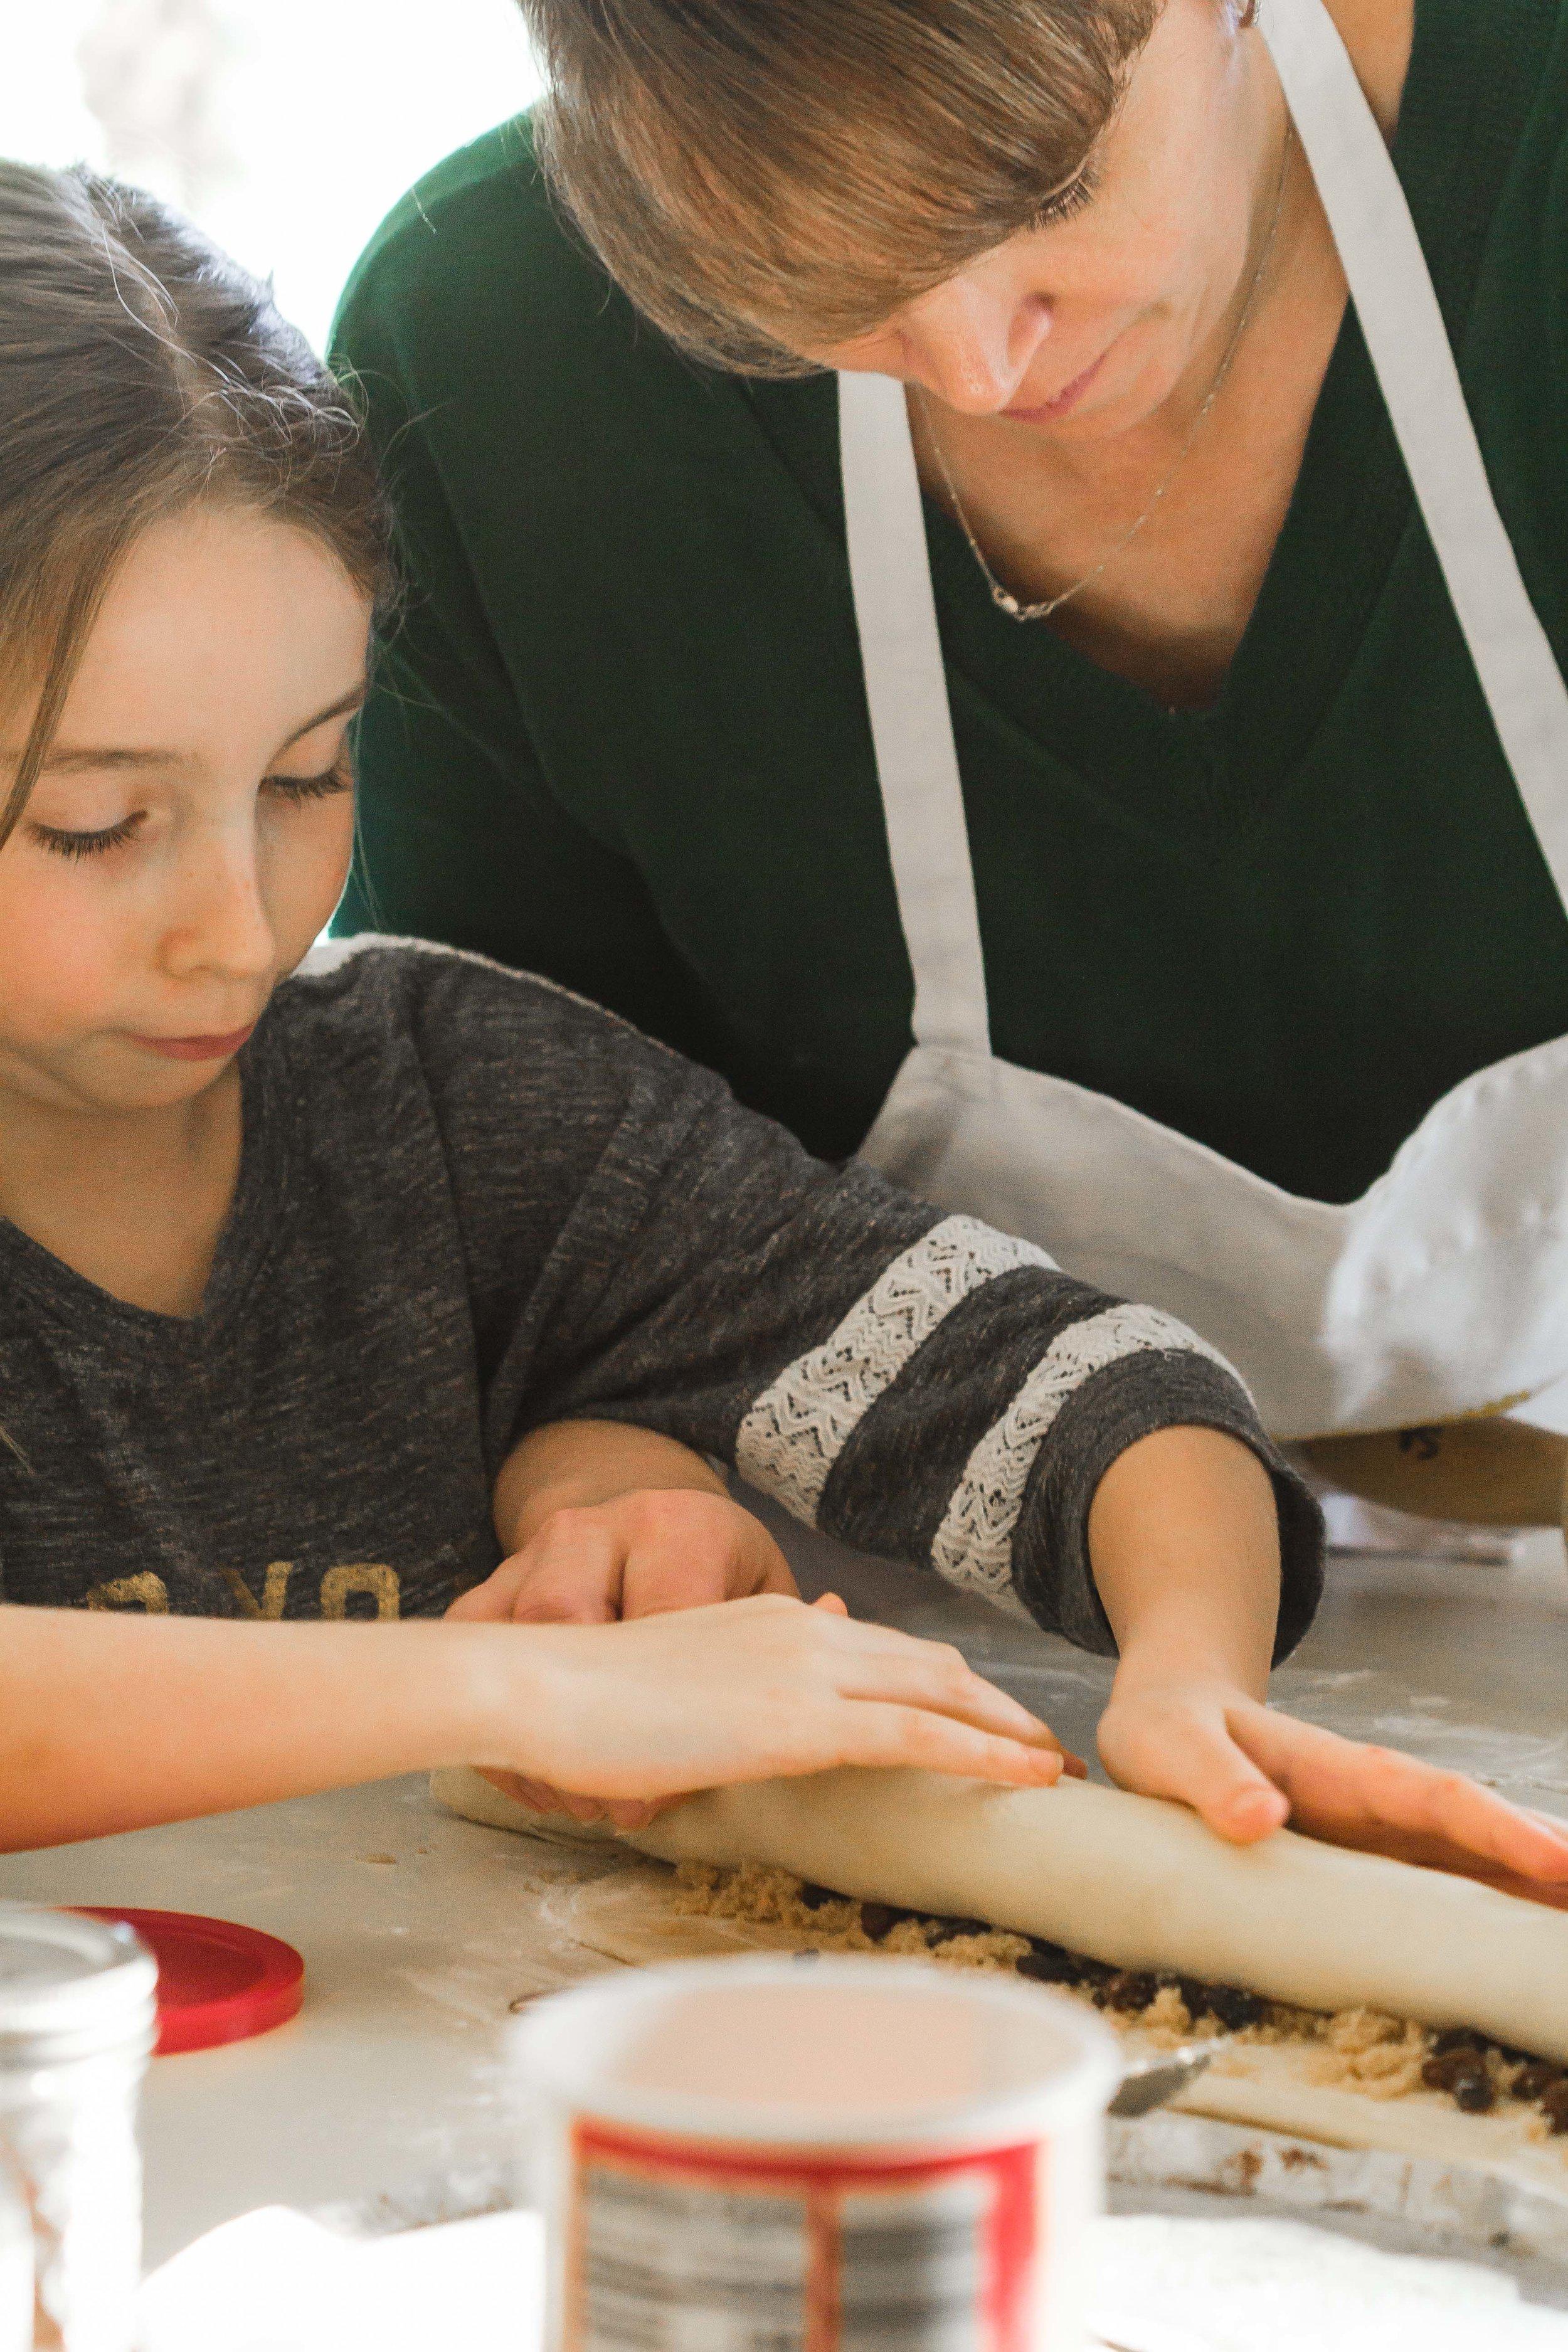 Swedish Tea Ring - Girls' Baking Day | Sarah J. Hauser-6.jpg